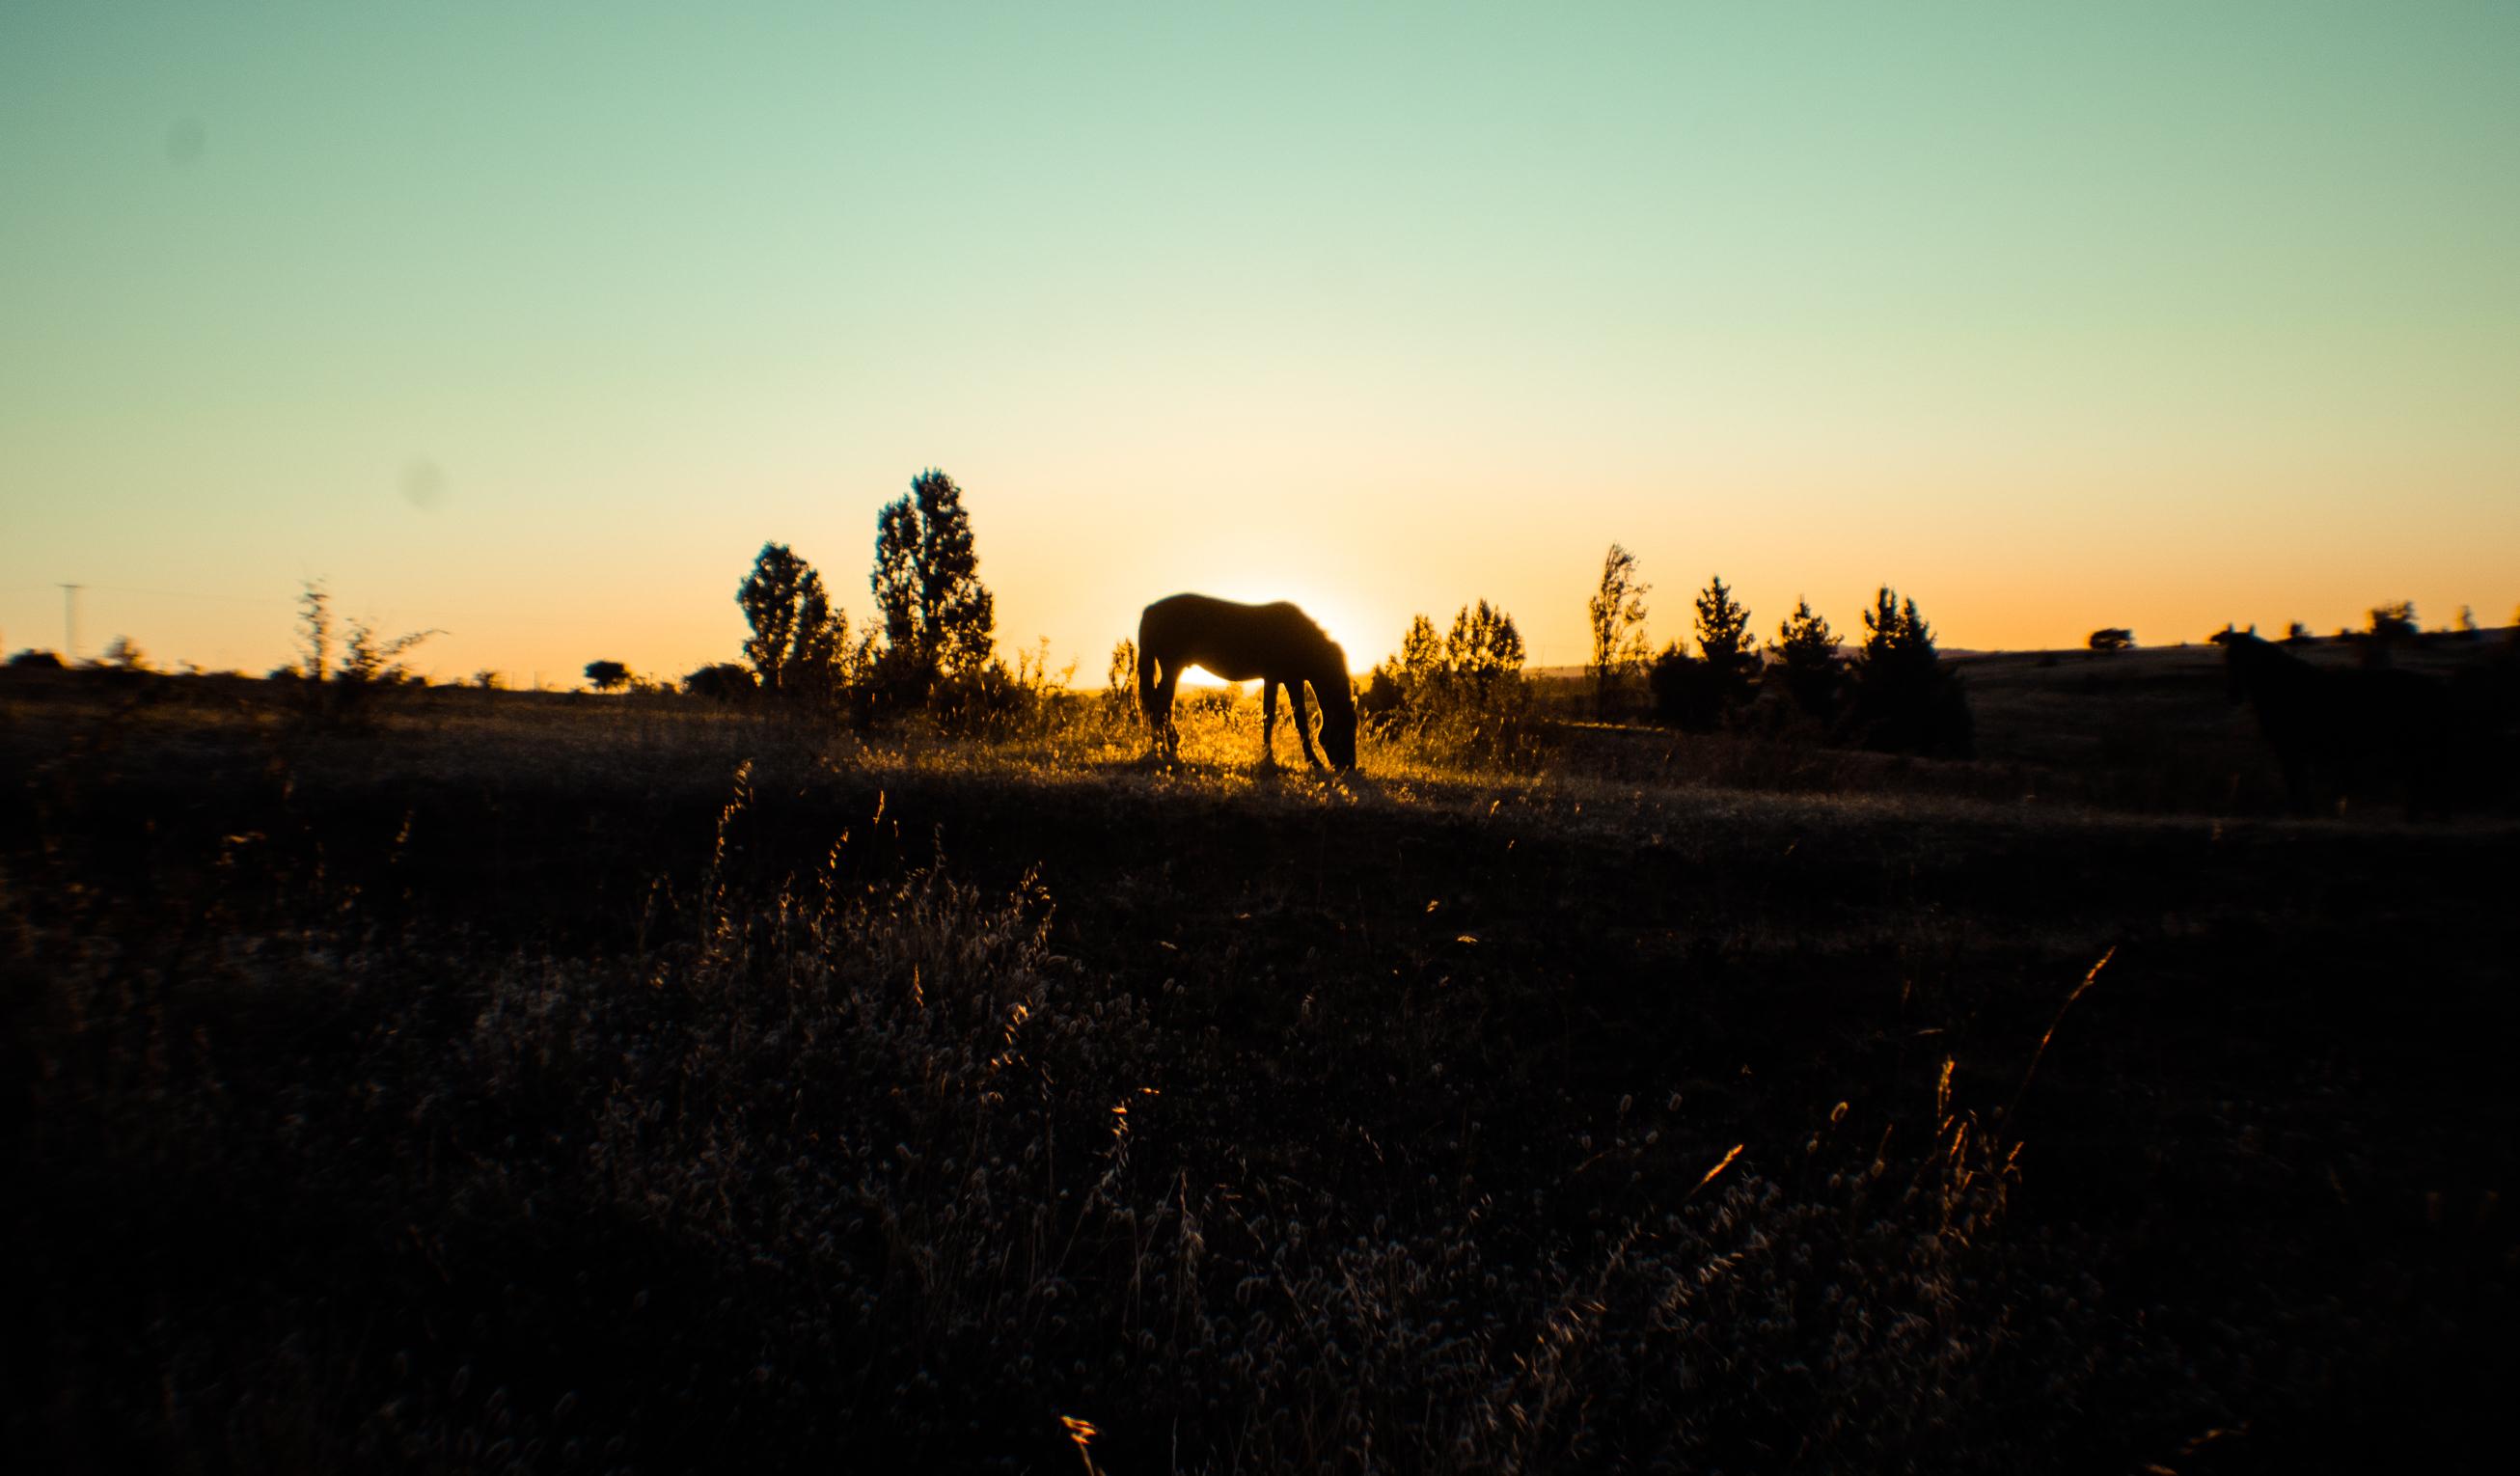 Fotos gratis : árbol, naturaleza, horizonte, silueta ...